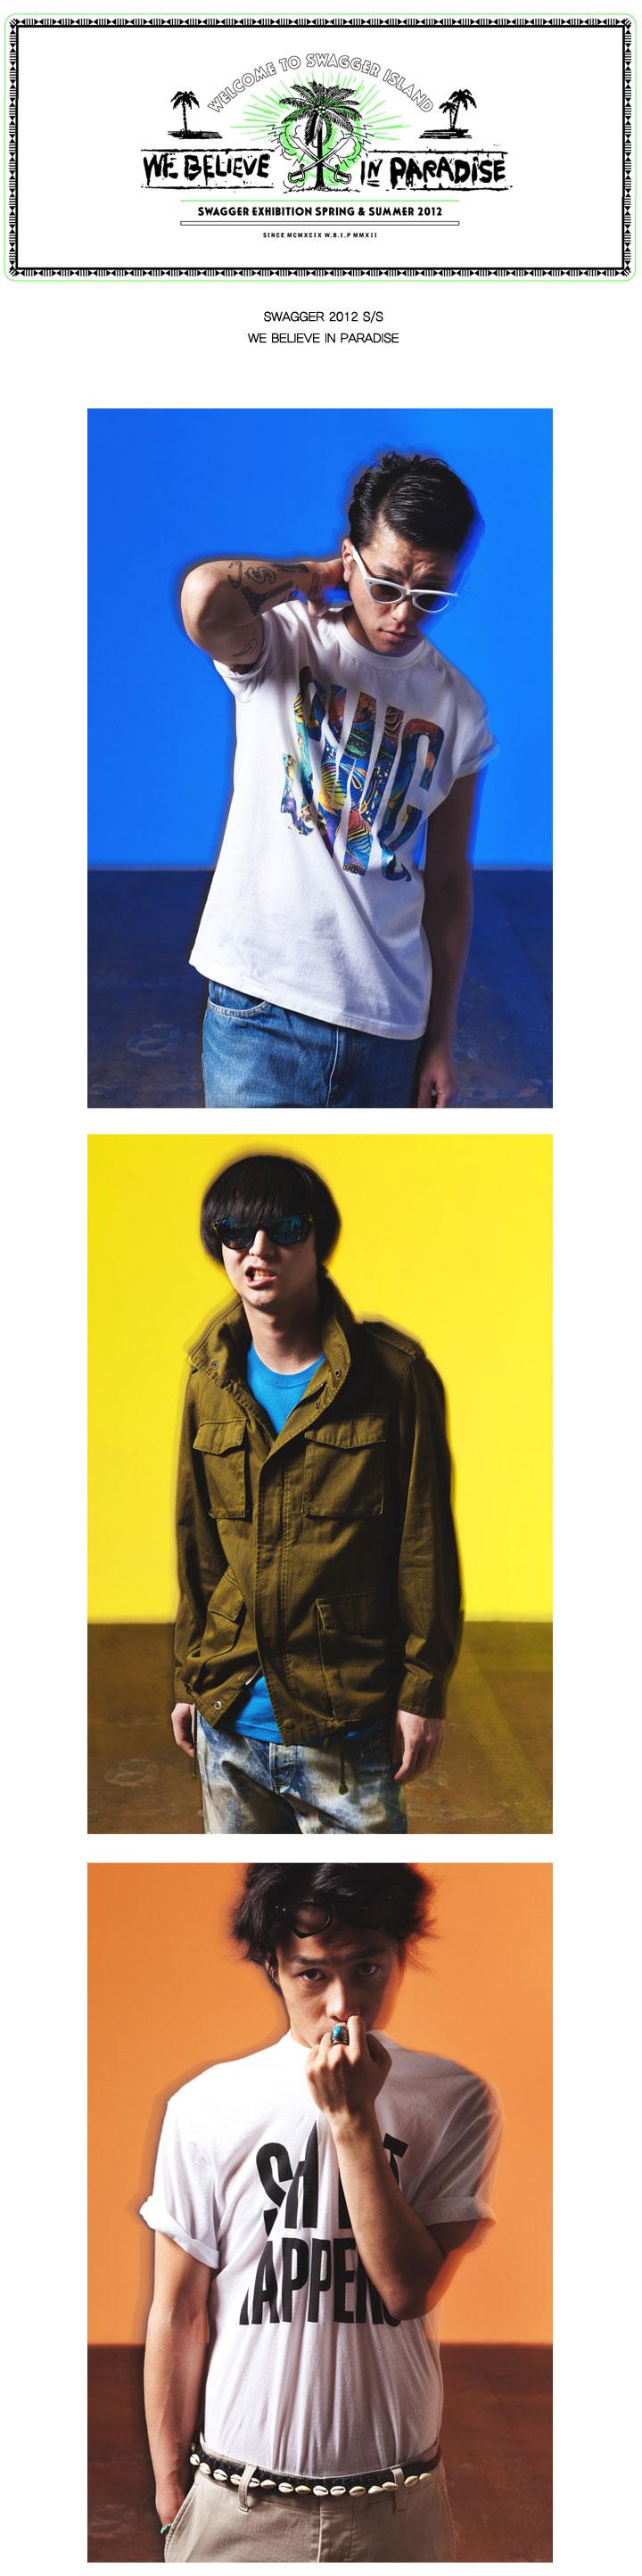 Uraharajuku [우라하라주쿠]4행시 이벤트 당첨자발표 및 스와거 2012 룩북!!